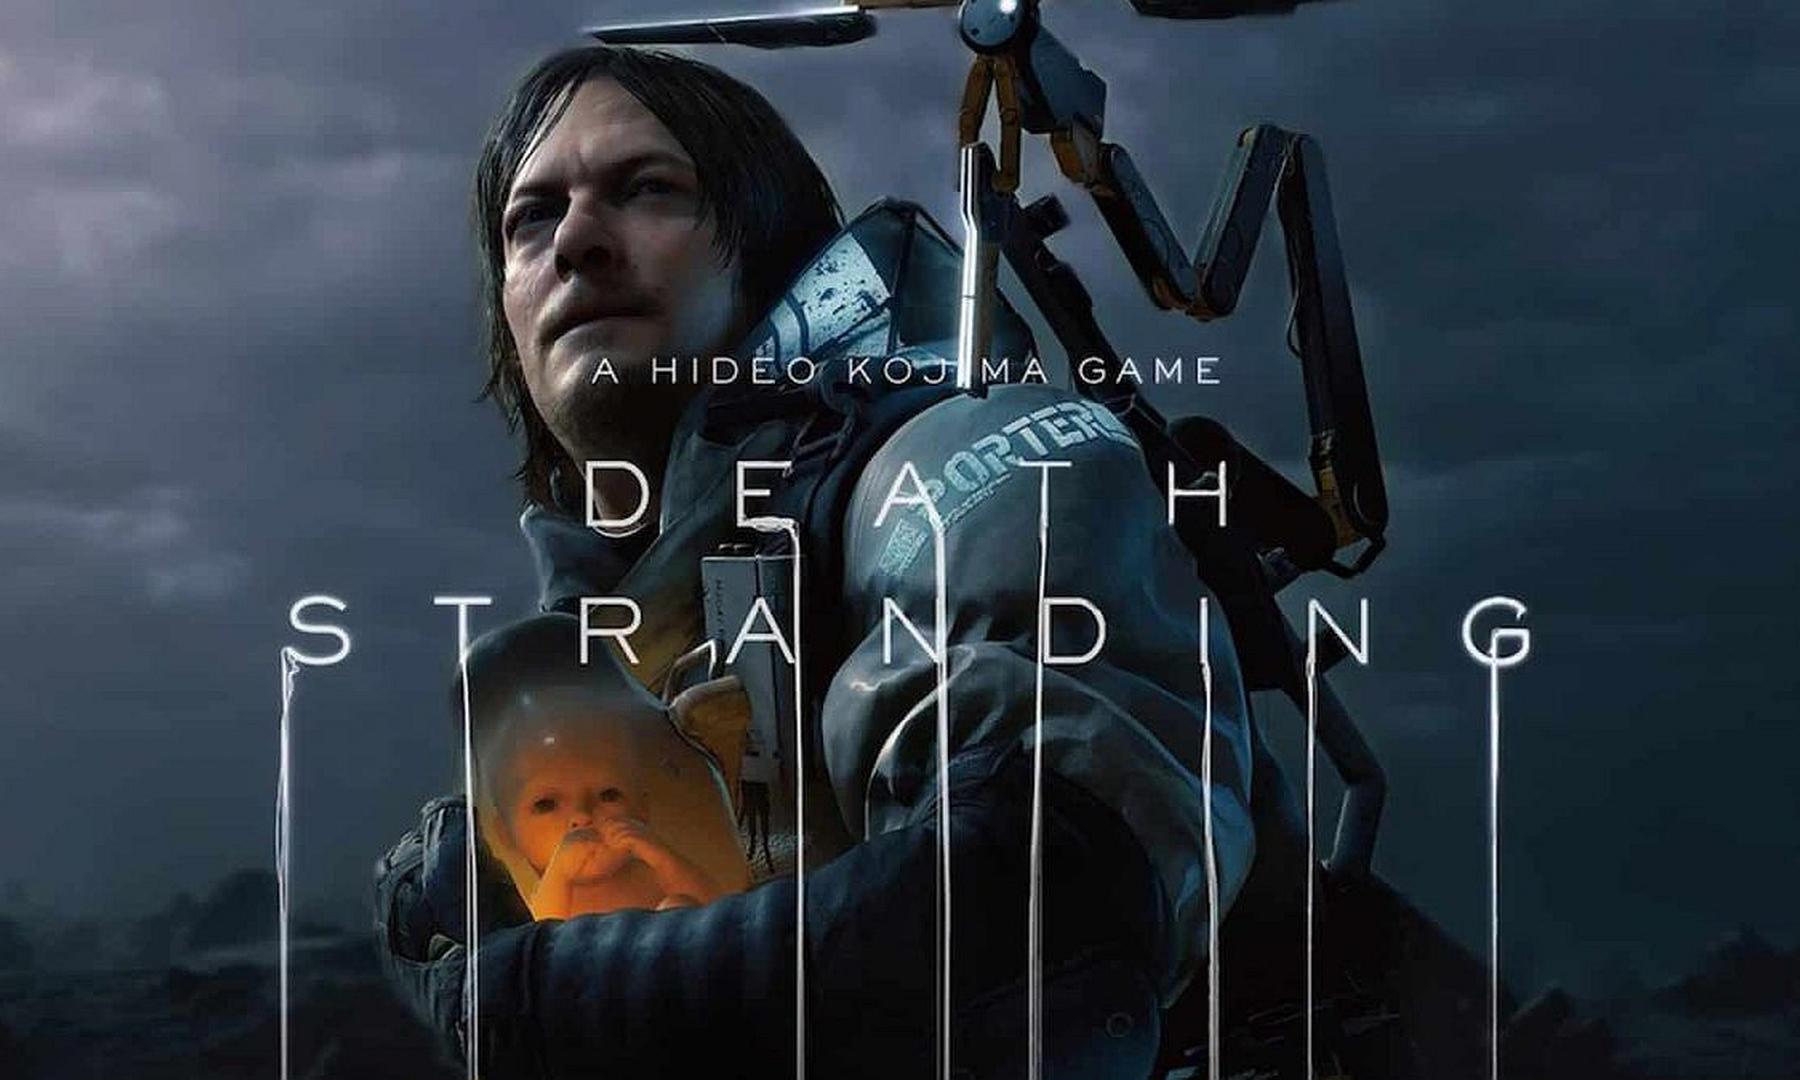 年度巨制,PS 独占大作《死亡搁浅》释出全新预告片